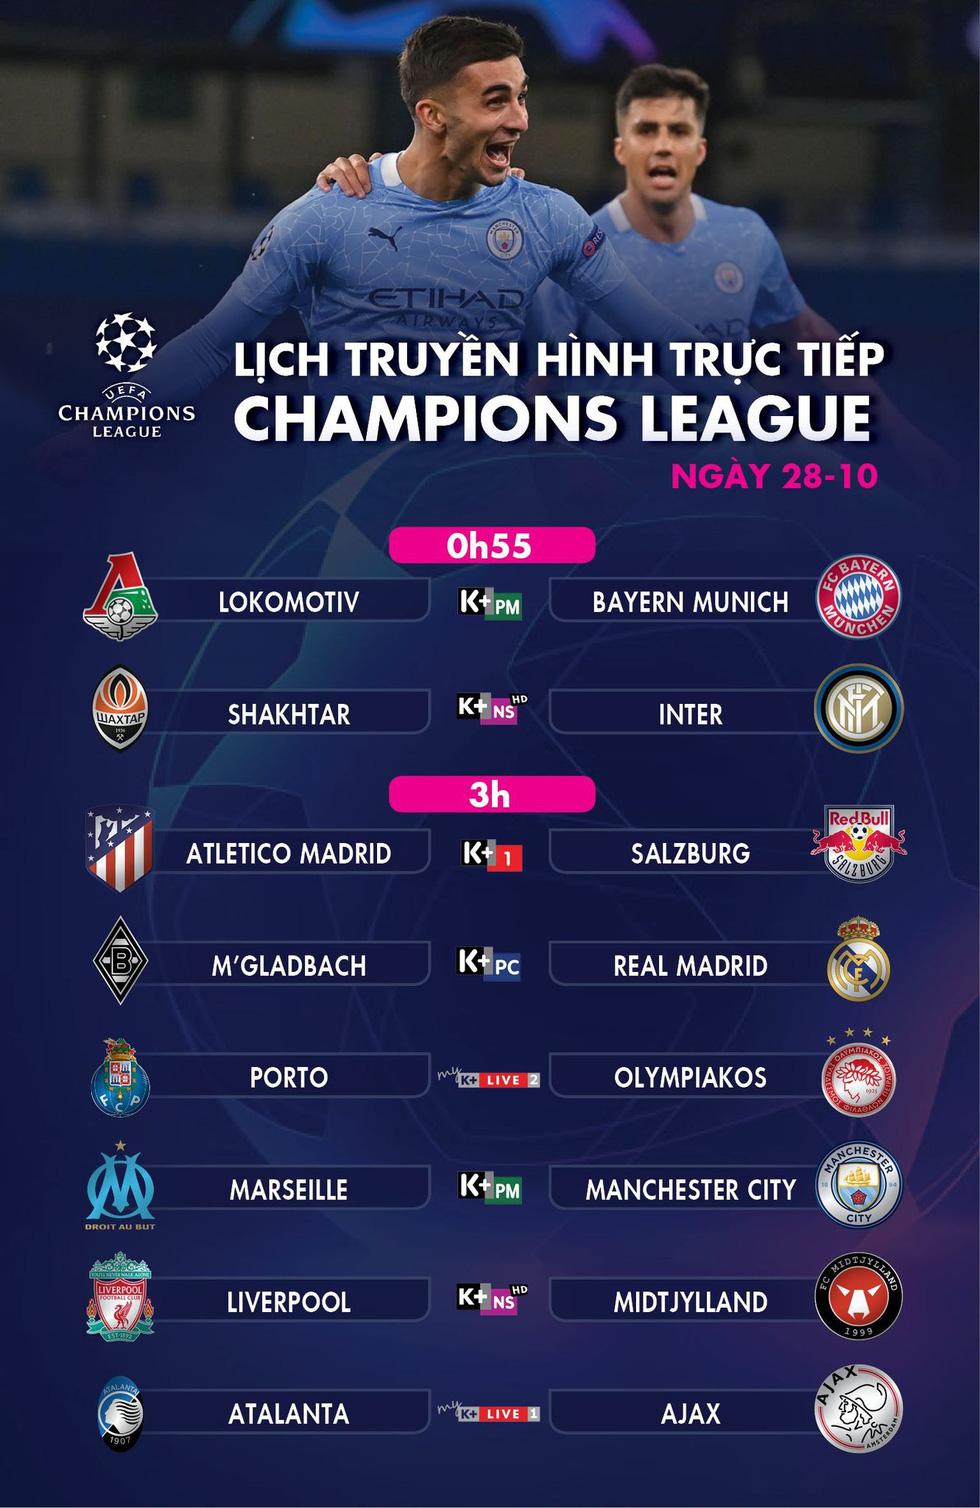 Lịch trực tiếp Champions League 28-10: Nhiều ông lớn ra sân - Ảnh 1.